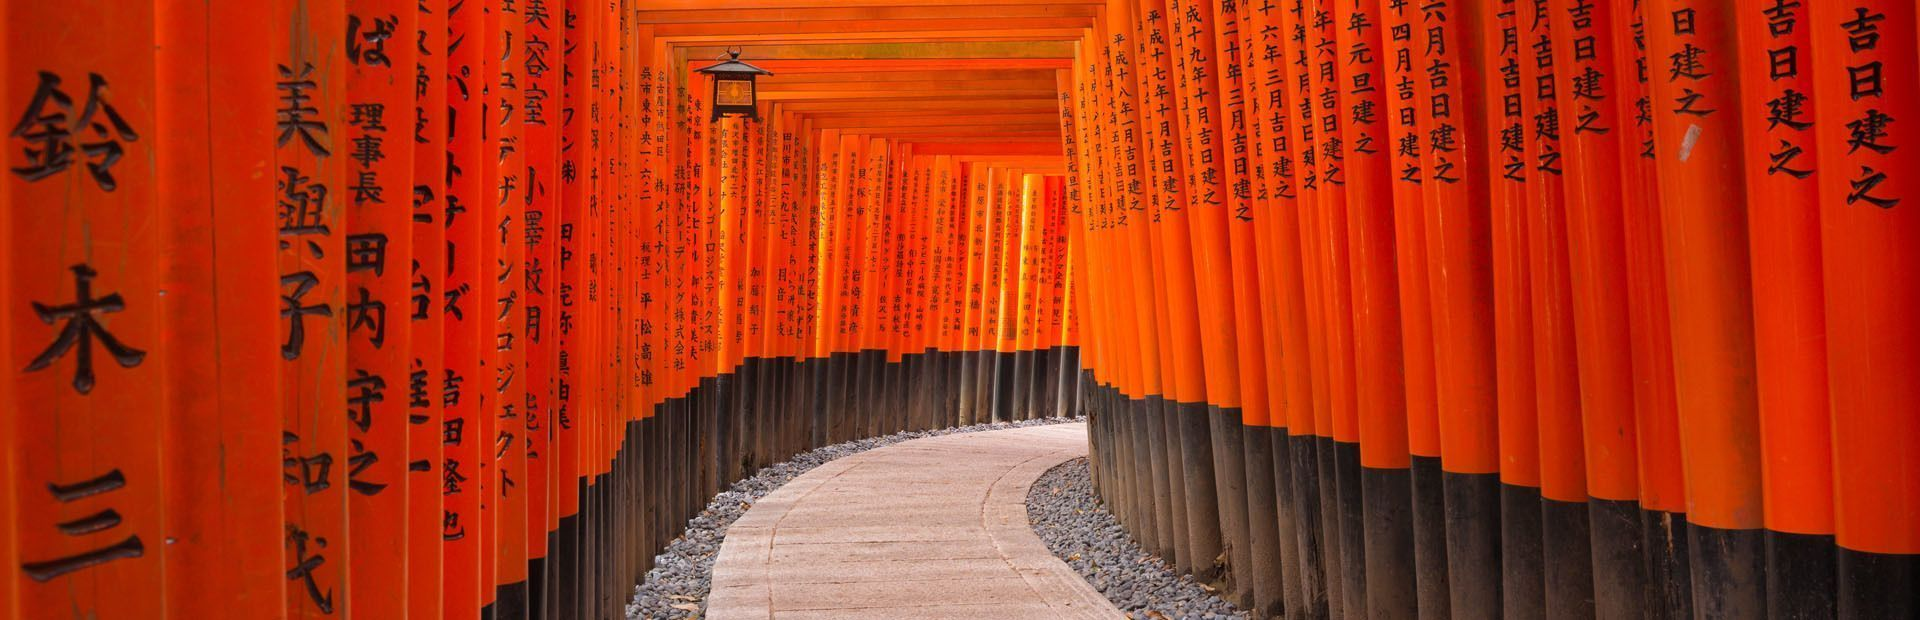 Giappone: Tokyo e Kyoto